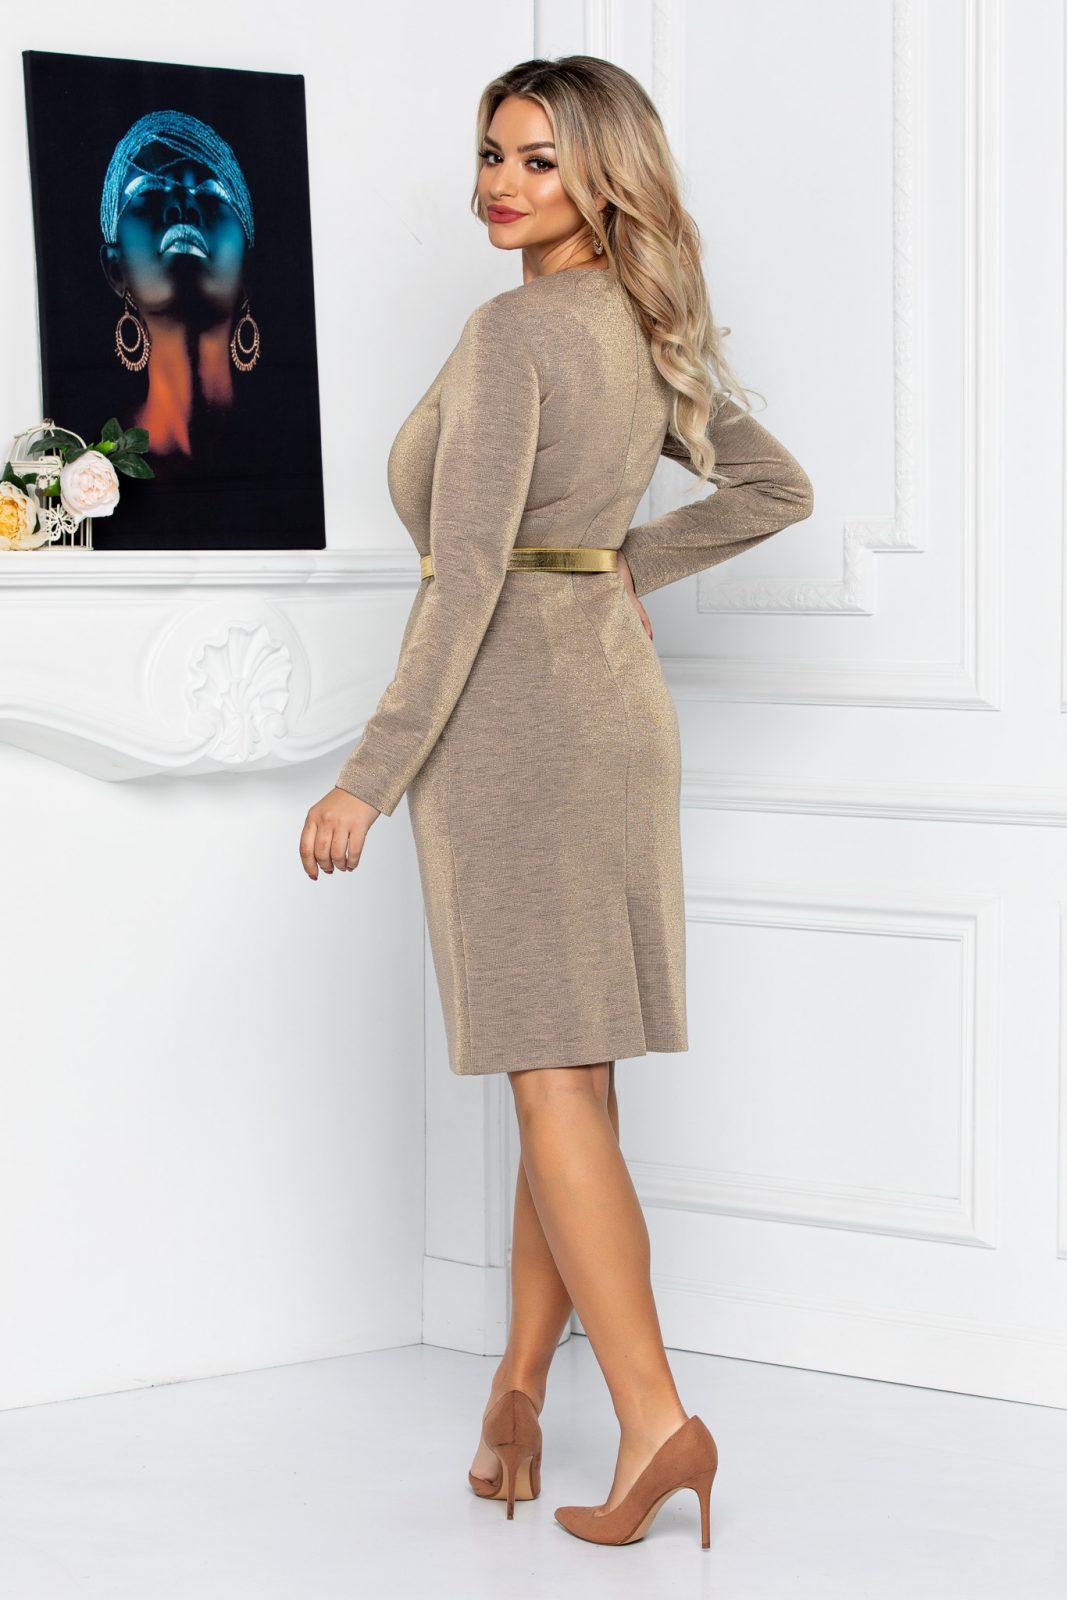 Μπεζ Φόρεμα Με Χρυσή Ζώνη Camy 8744